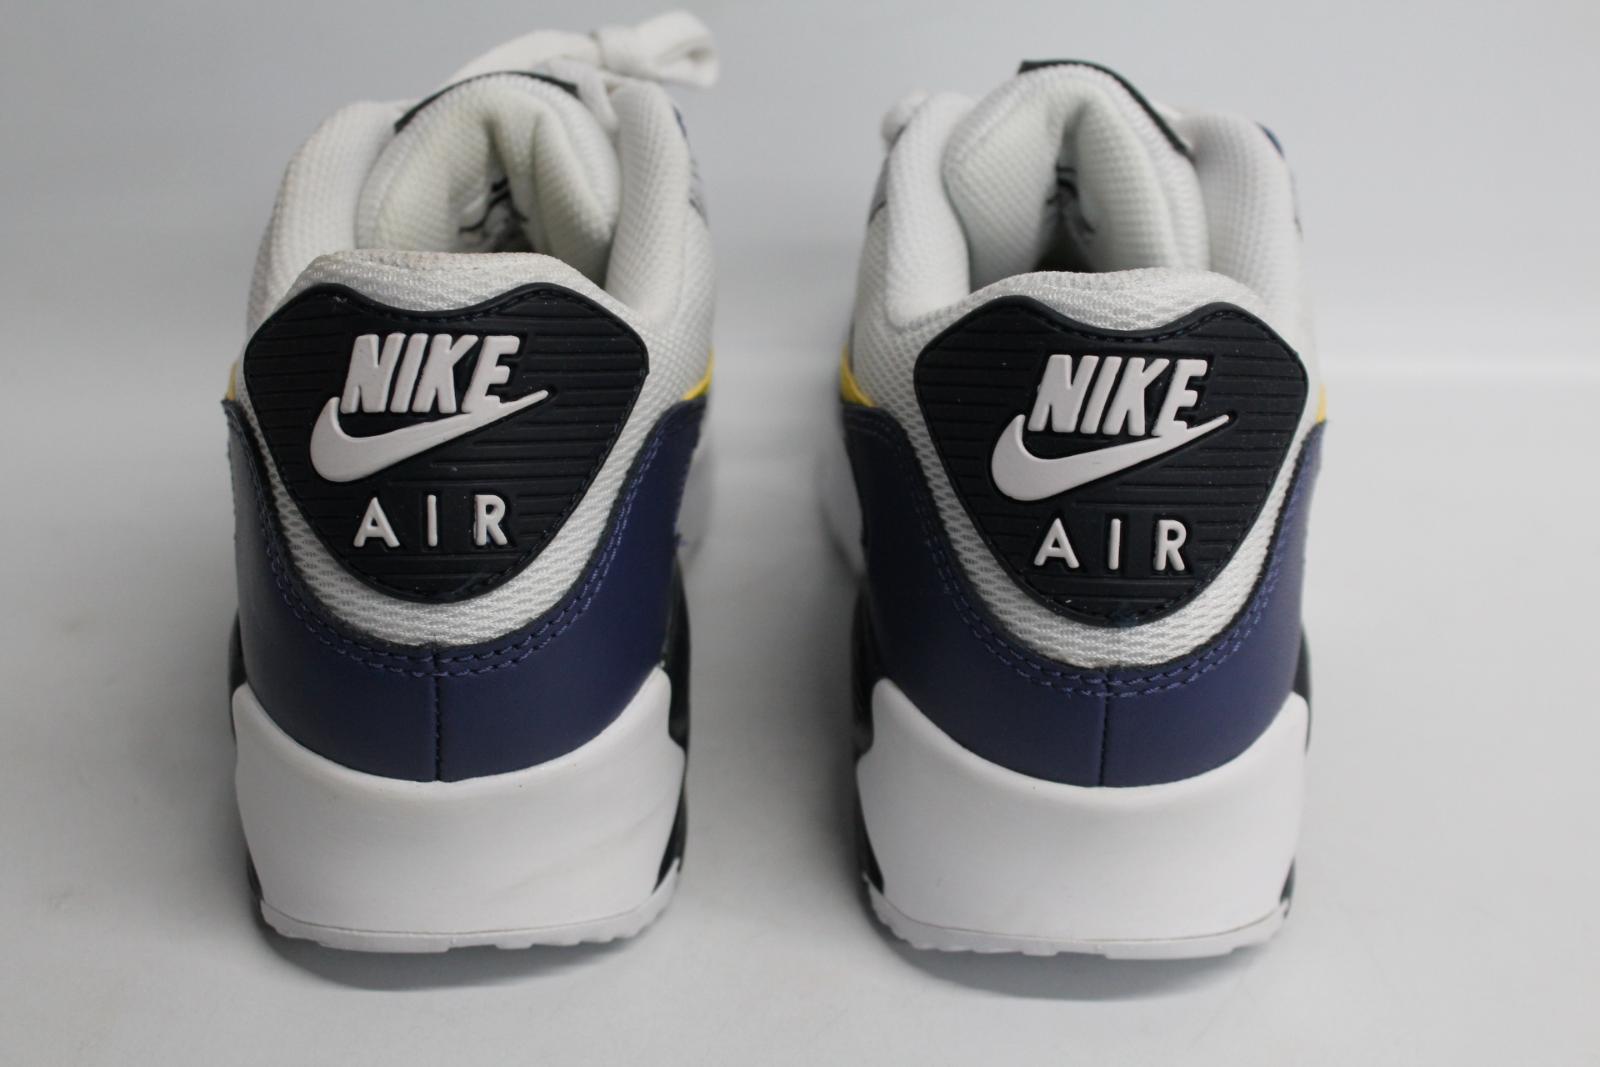 Nike-Men-039-S-Navy-Blu-Giallo-amp-Bianco-AIR-MAX-90-Essential-Scarpe-da-ginnastica-EU41-UK7-NUOVO miniatura 7